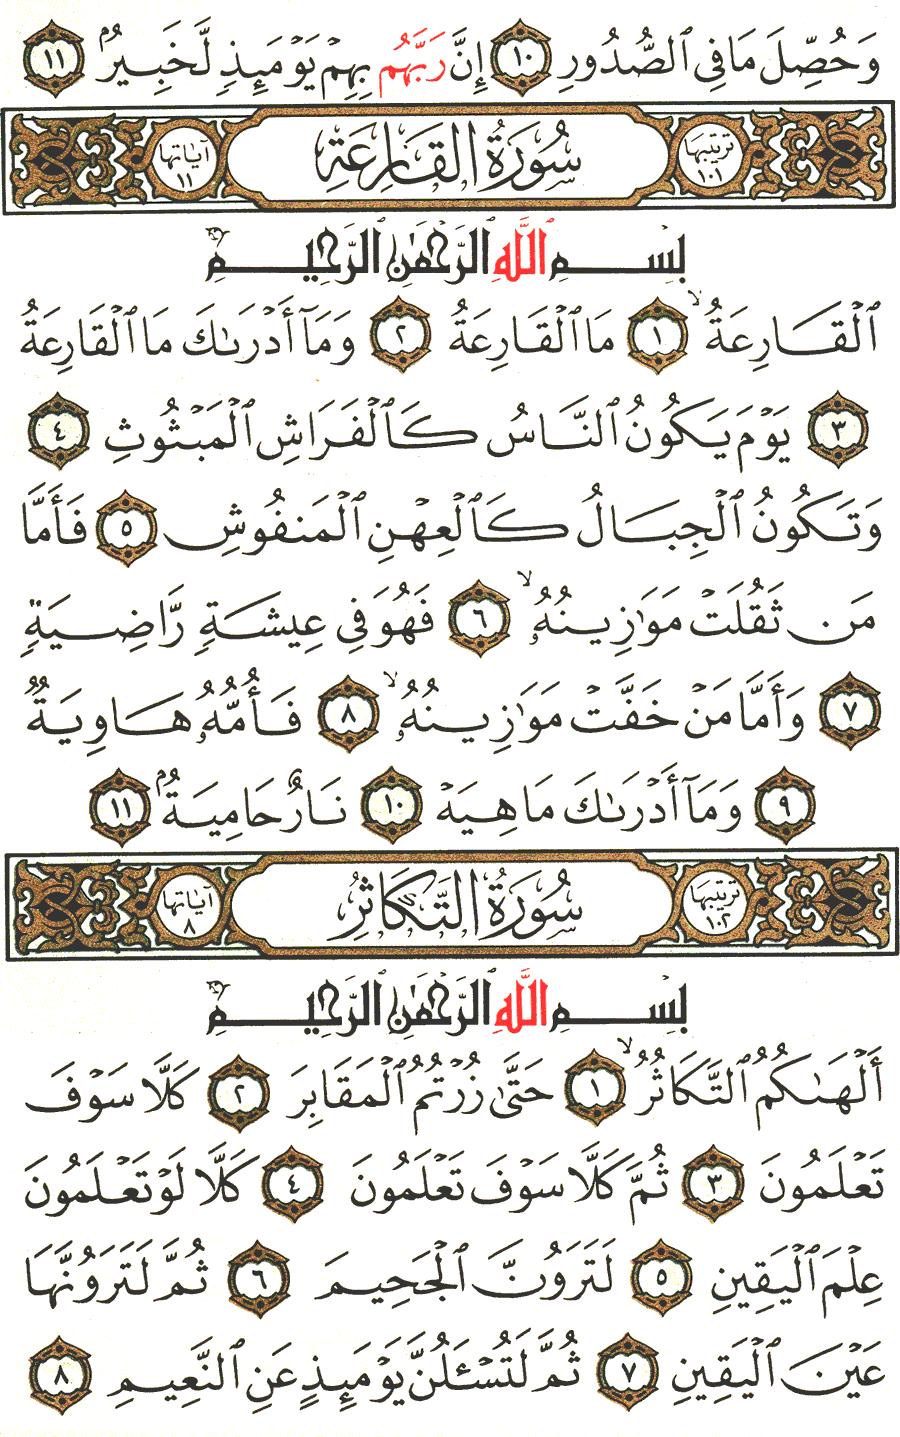 الصفحة رقم 600 من القرآن الكريم مكتوبة من المصحف